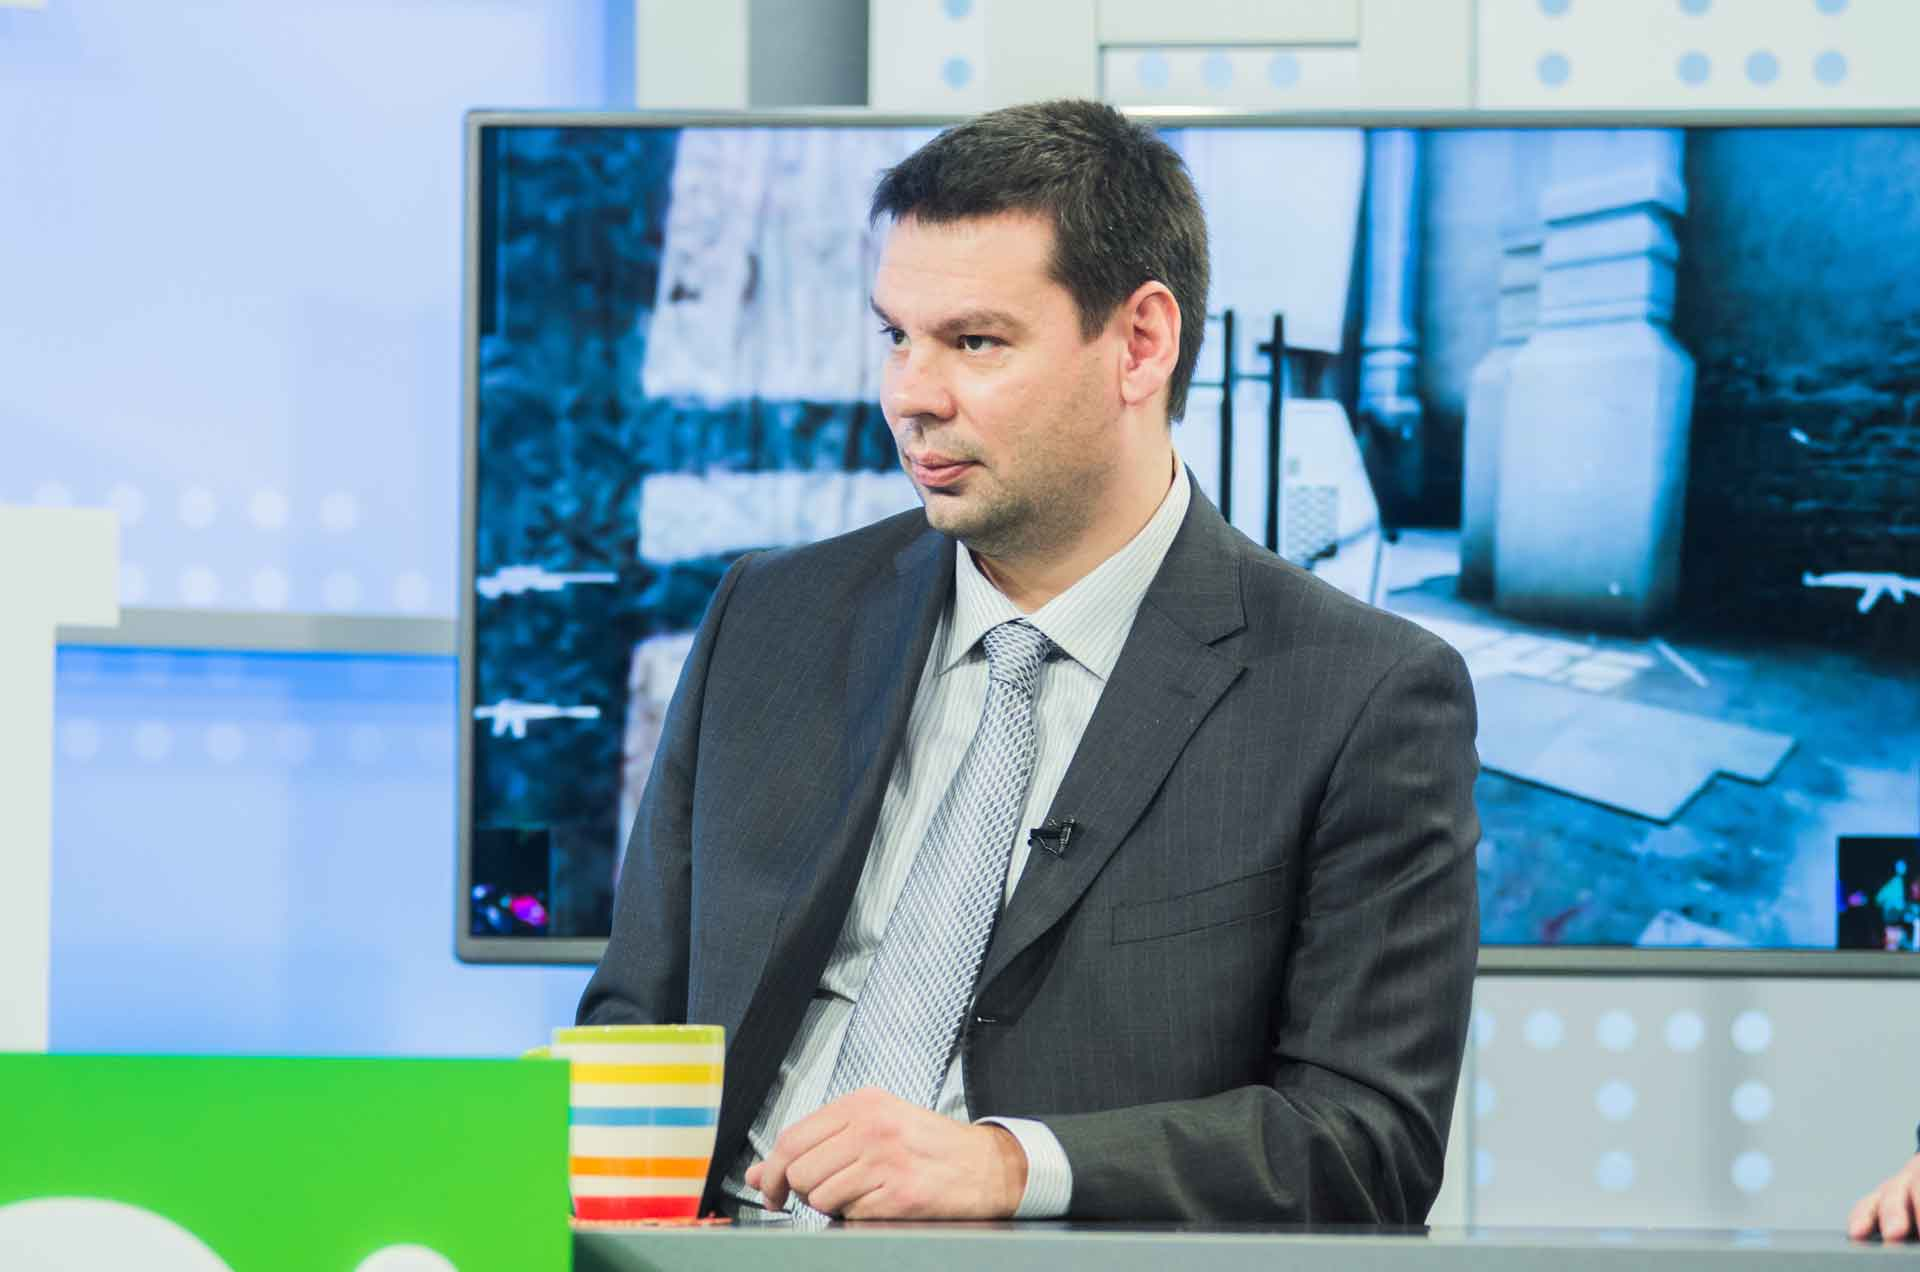 Игорь Ковалев, Официальный представитель Центрально-Сибирской Торгово-промышленной палаты РФ в Болгарии